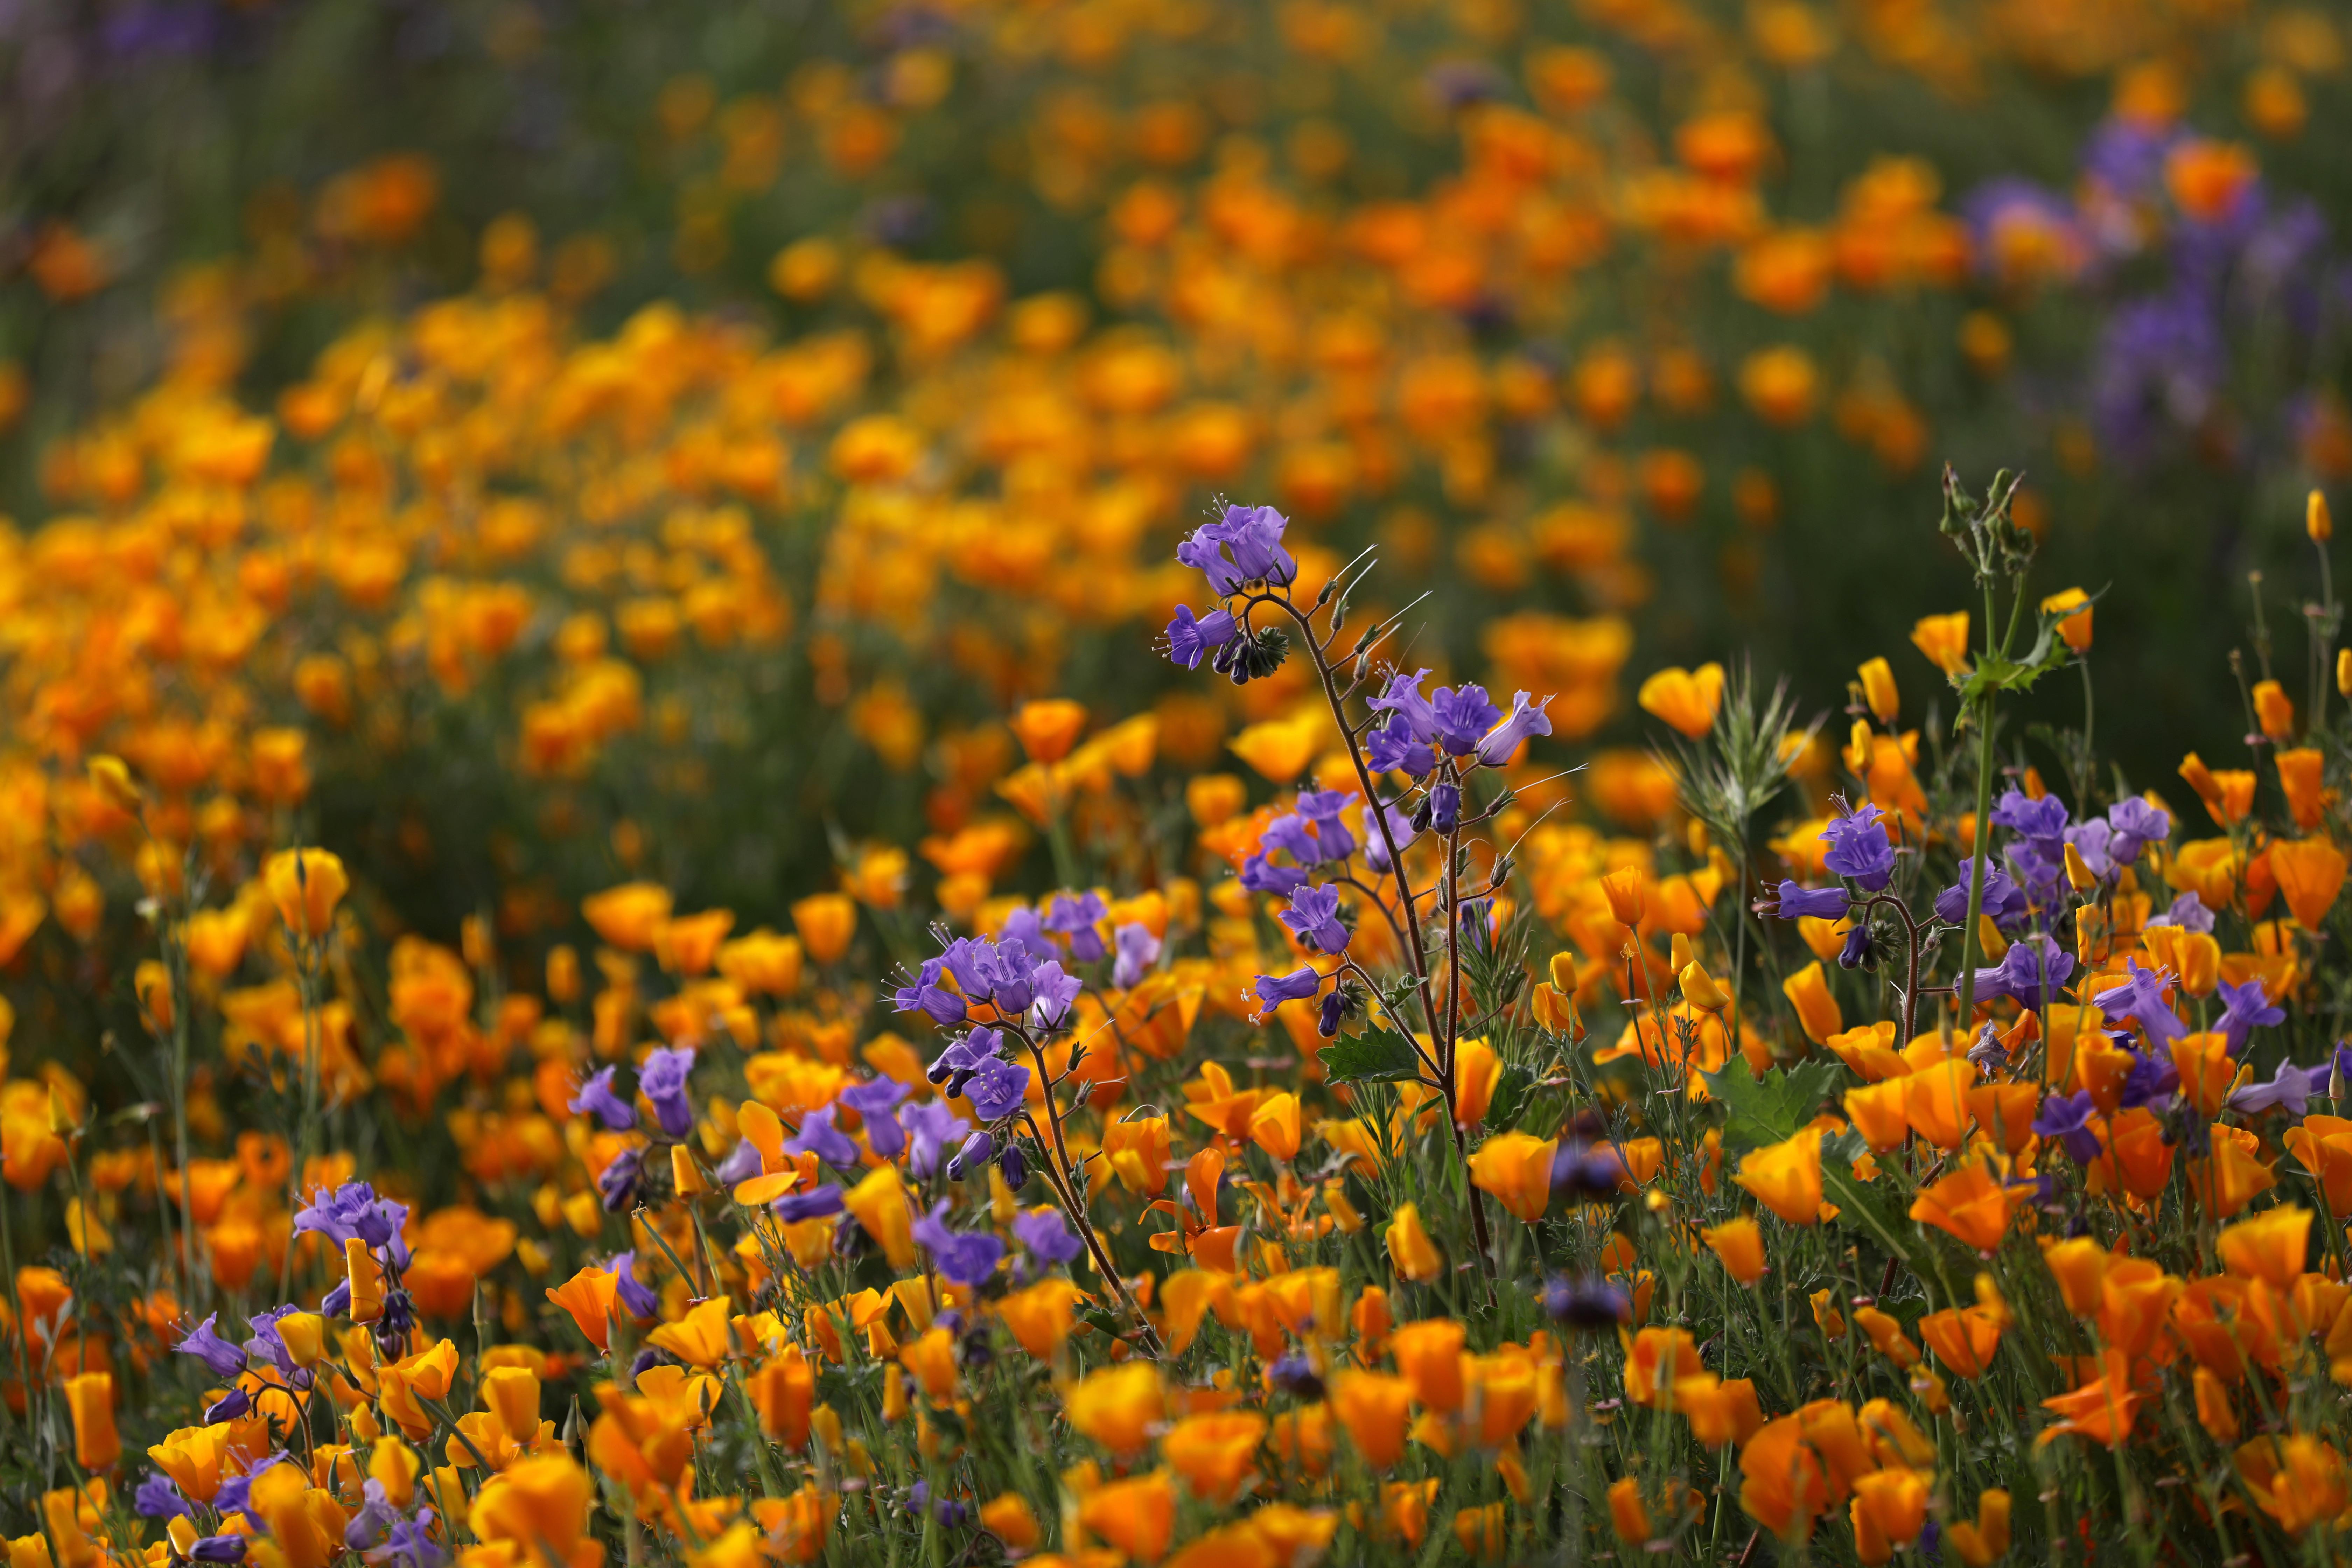 Flori de primăvară imense de flori sălbatice cauzate de iarna umedă se observă în lacul Elsinore, California